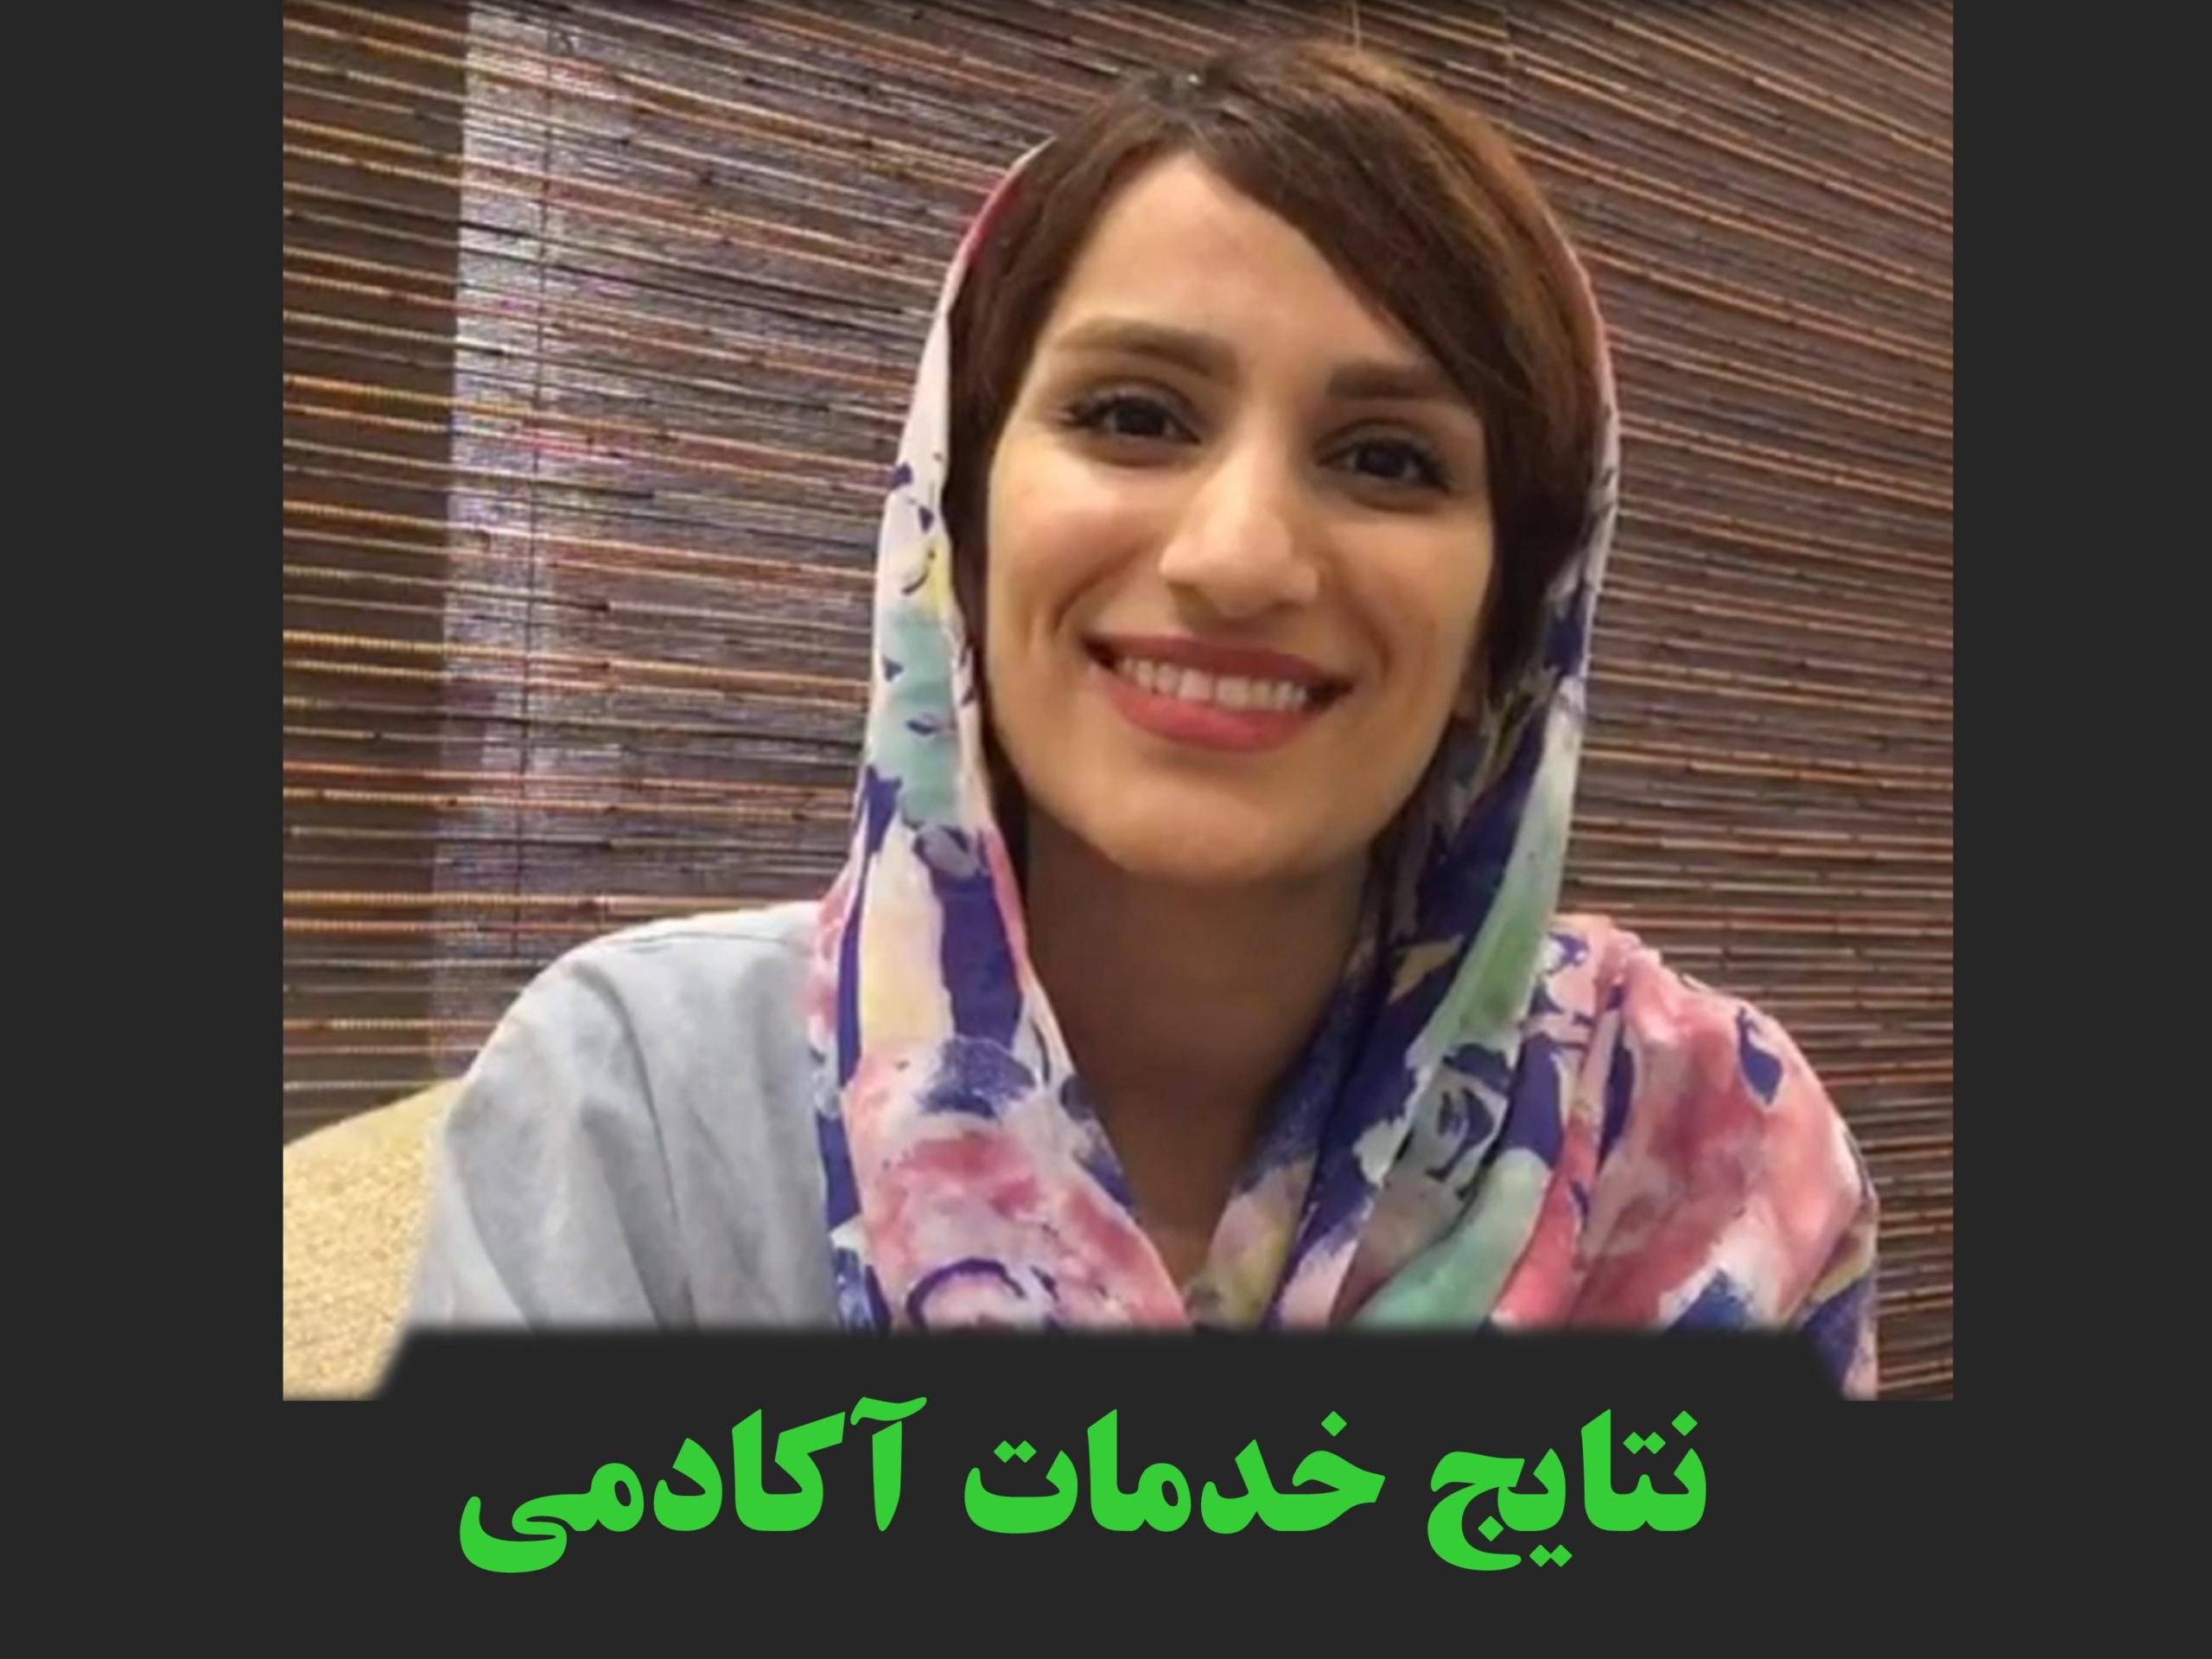 مشارکت خانم سودابه آتشی از نتایج خدمات آکادمی